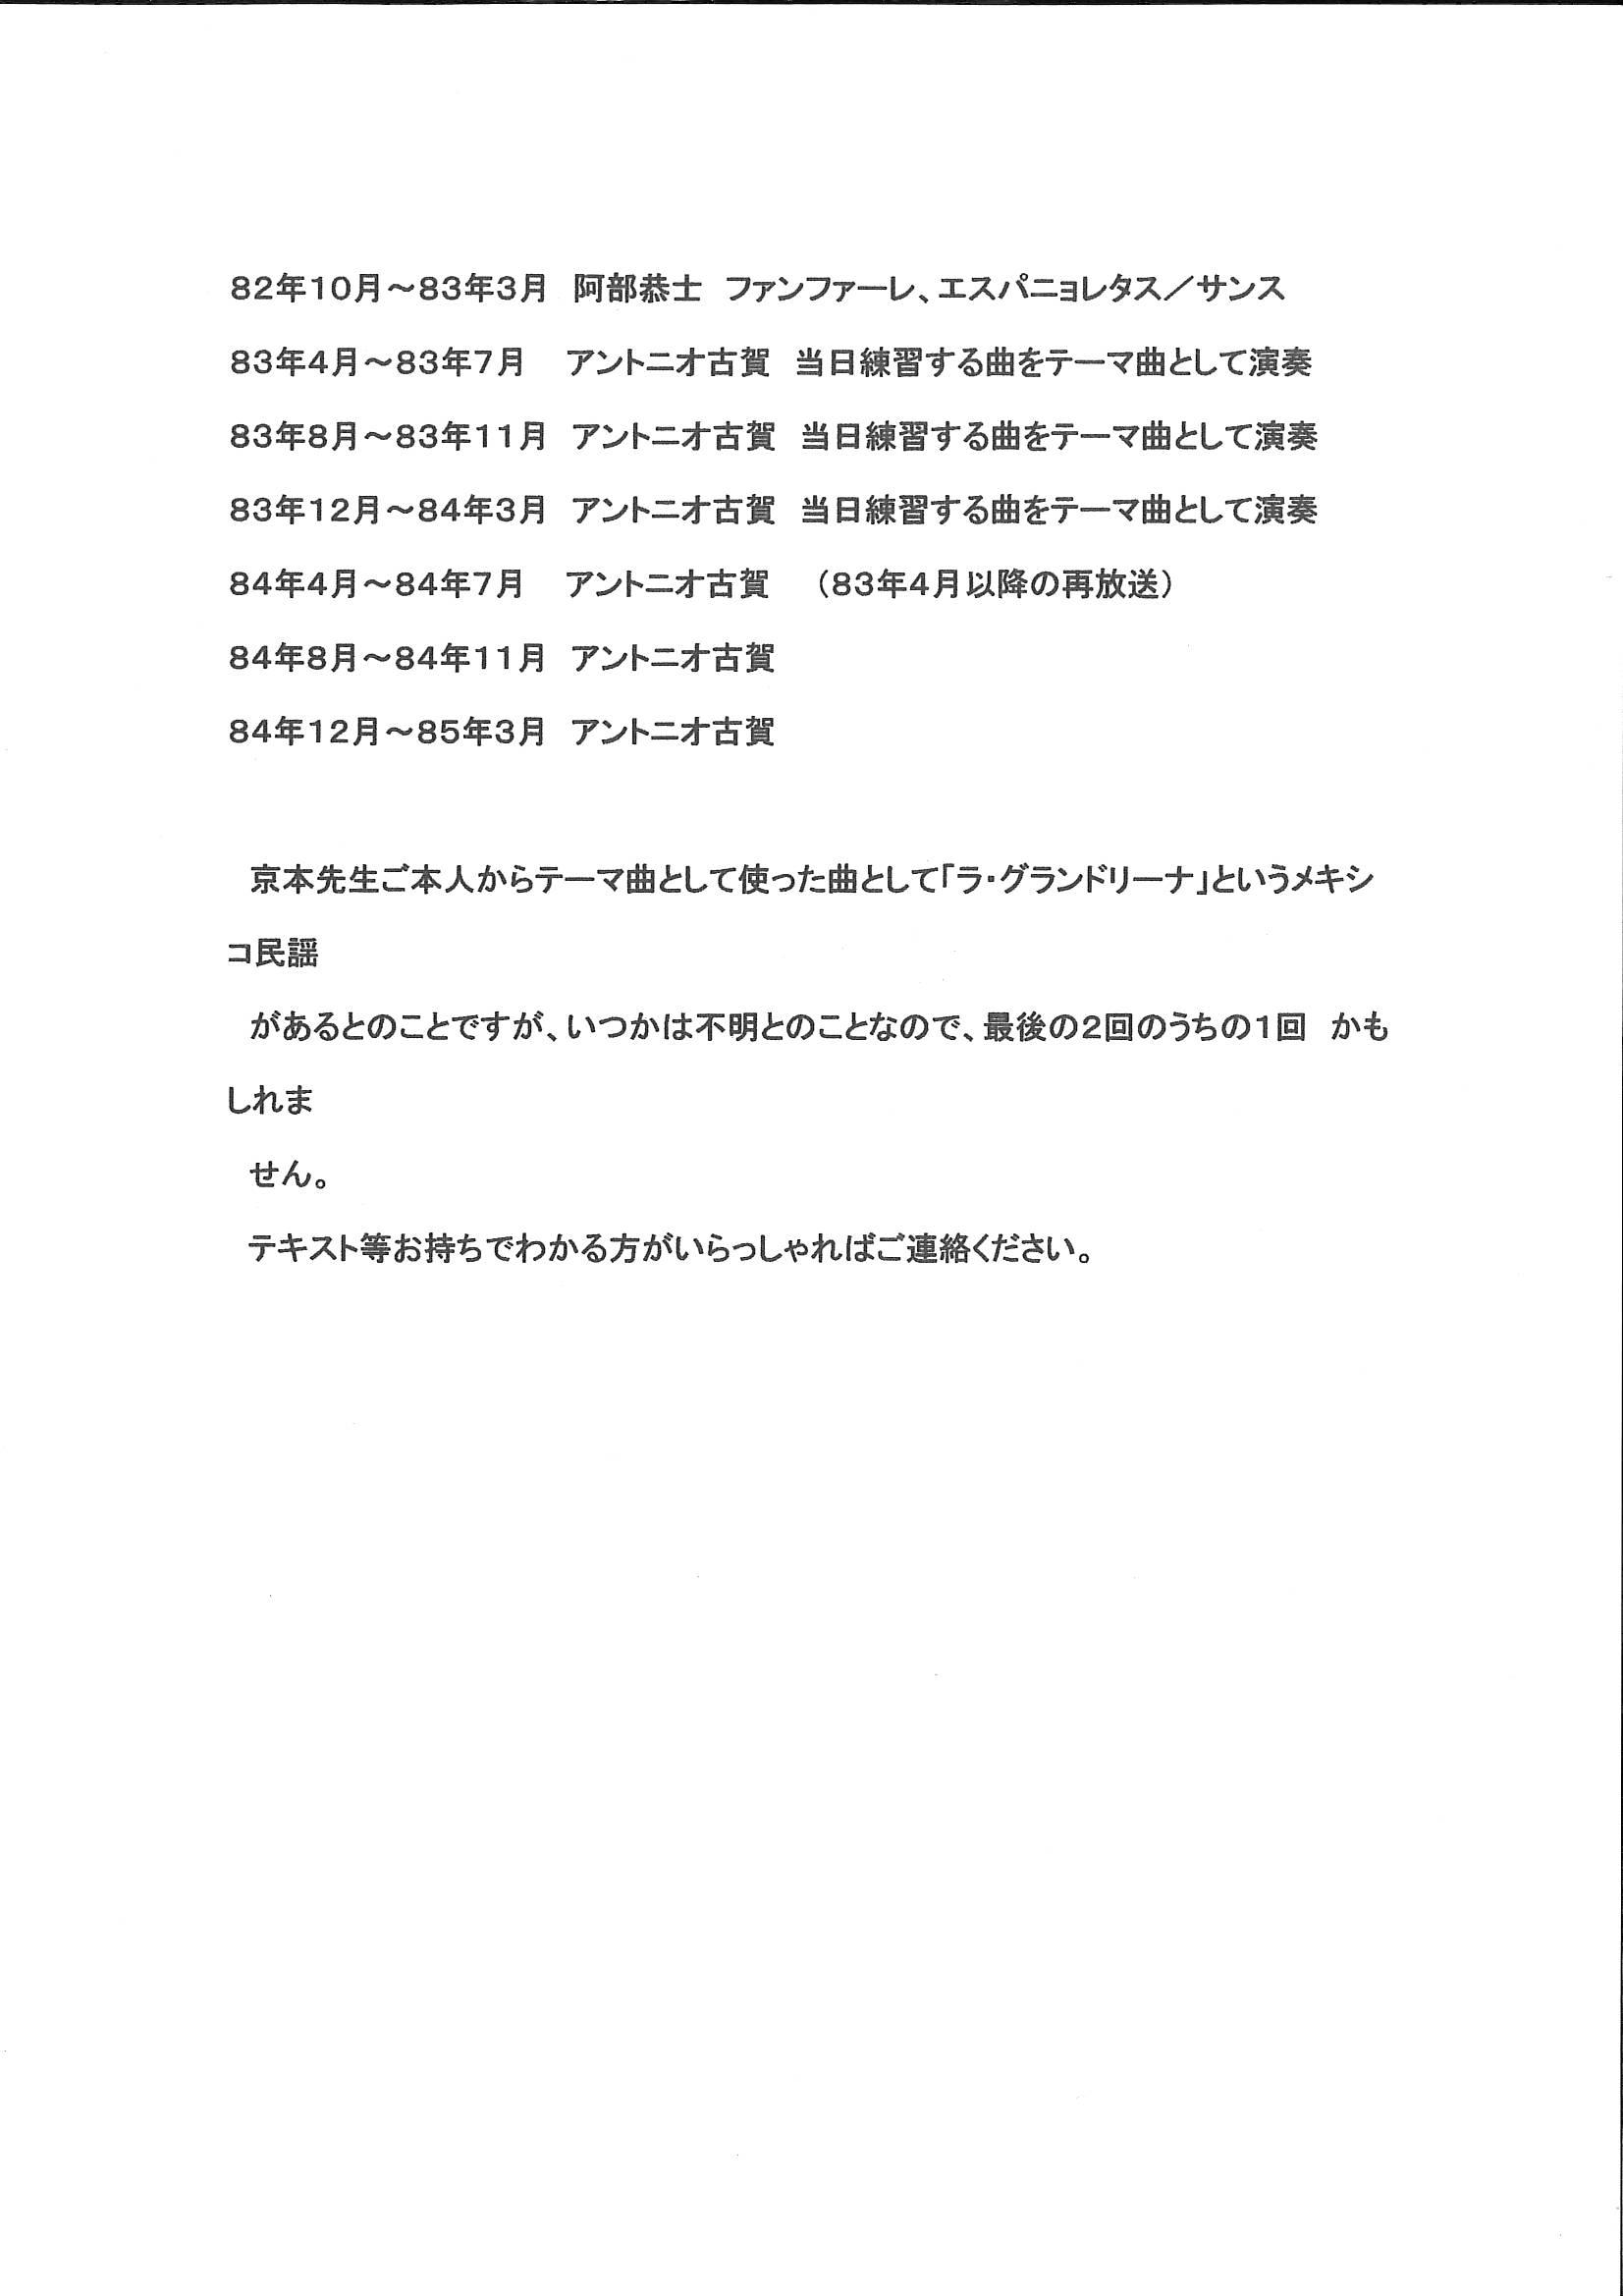 津出さんファイル3